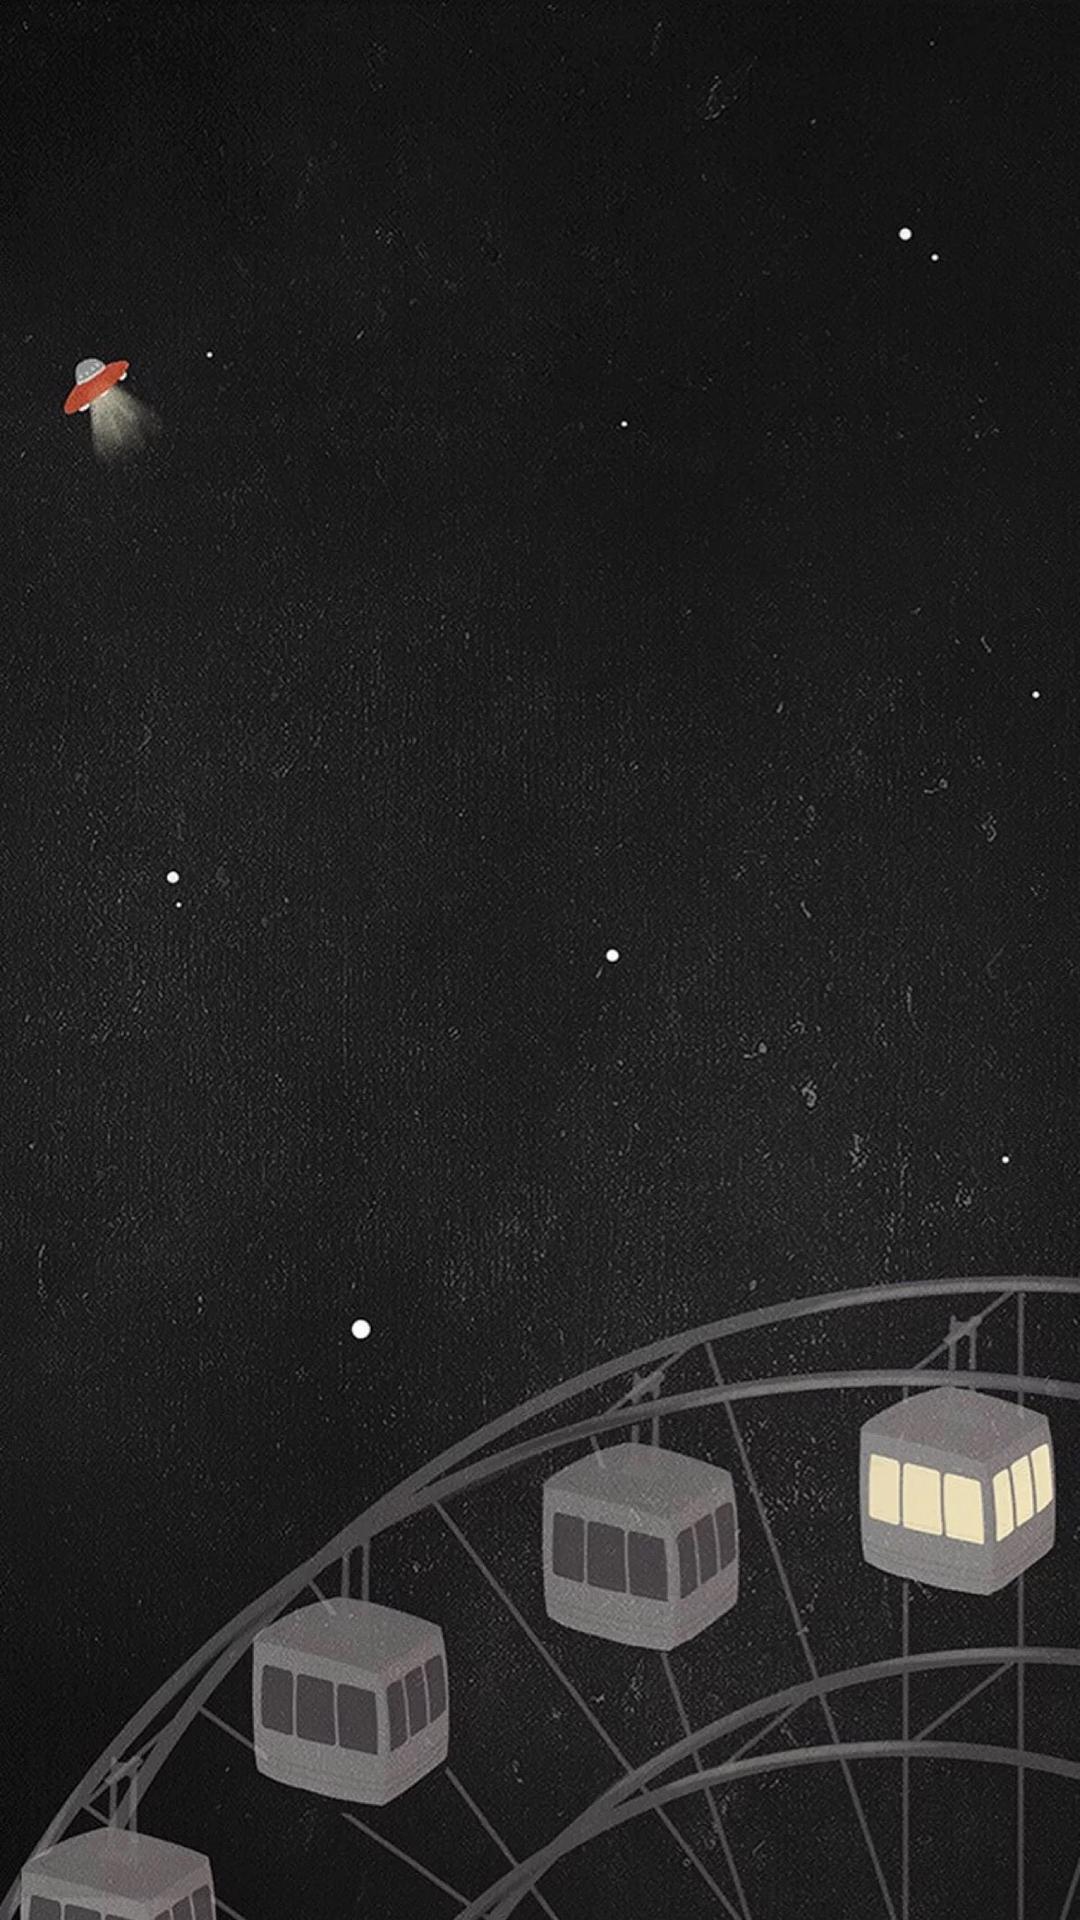 摩天轮 手绘 黑白 黑夜 飞船 星空